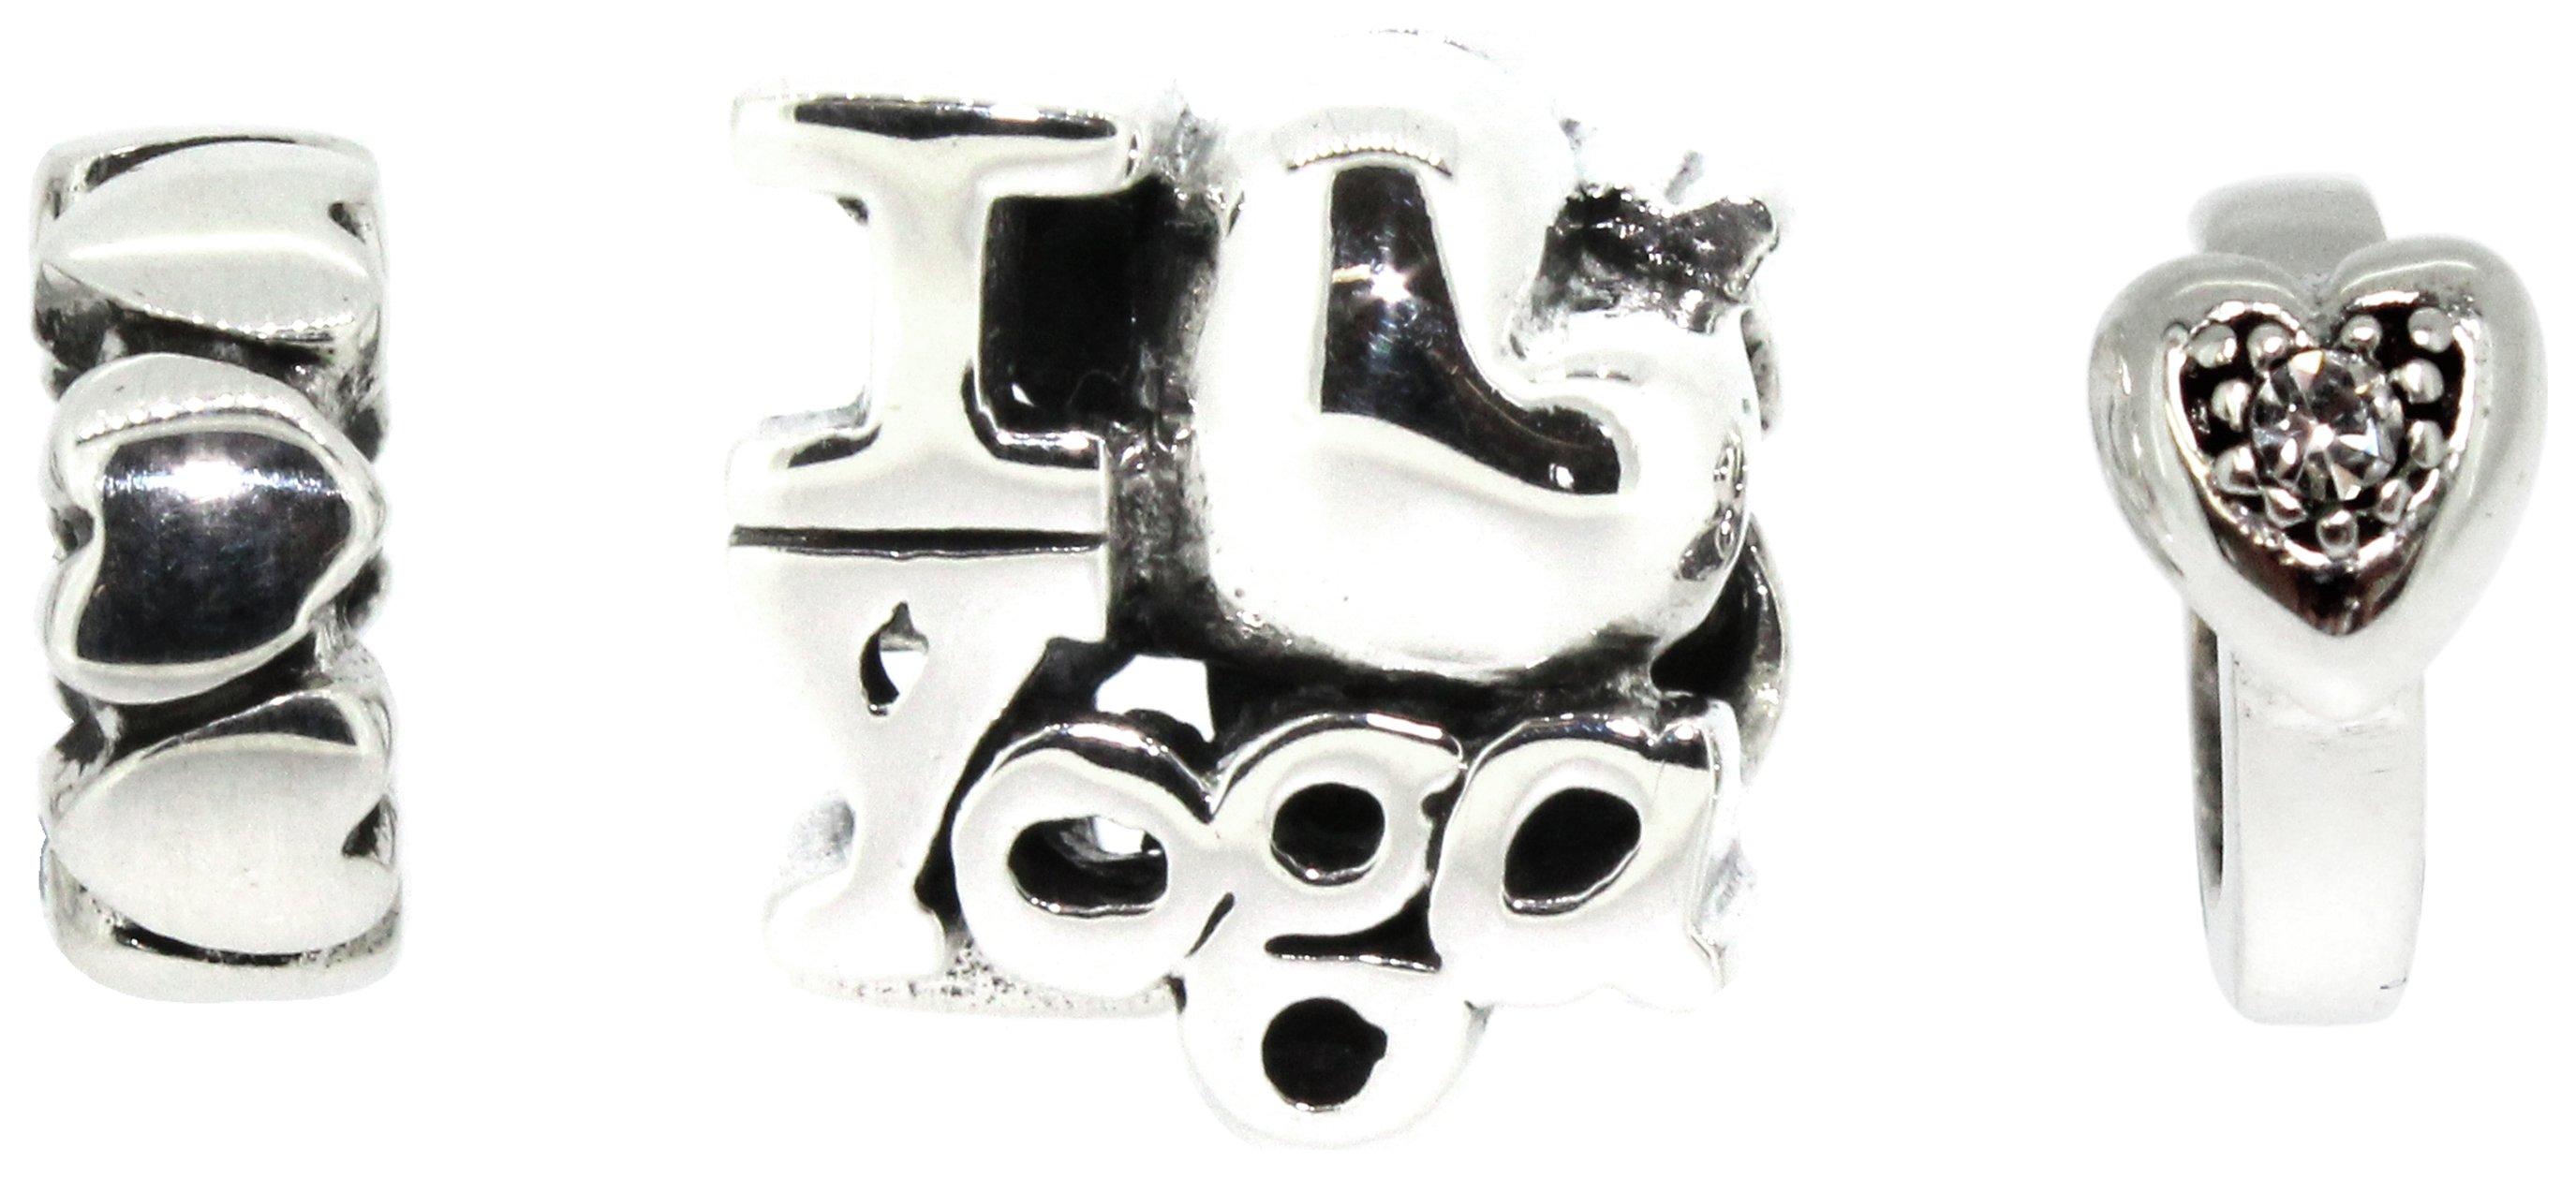 Image of I Love Yoga Charms - Set of 3.